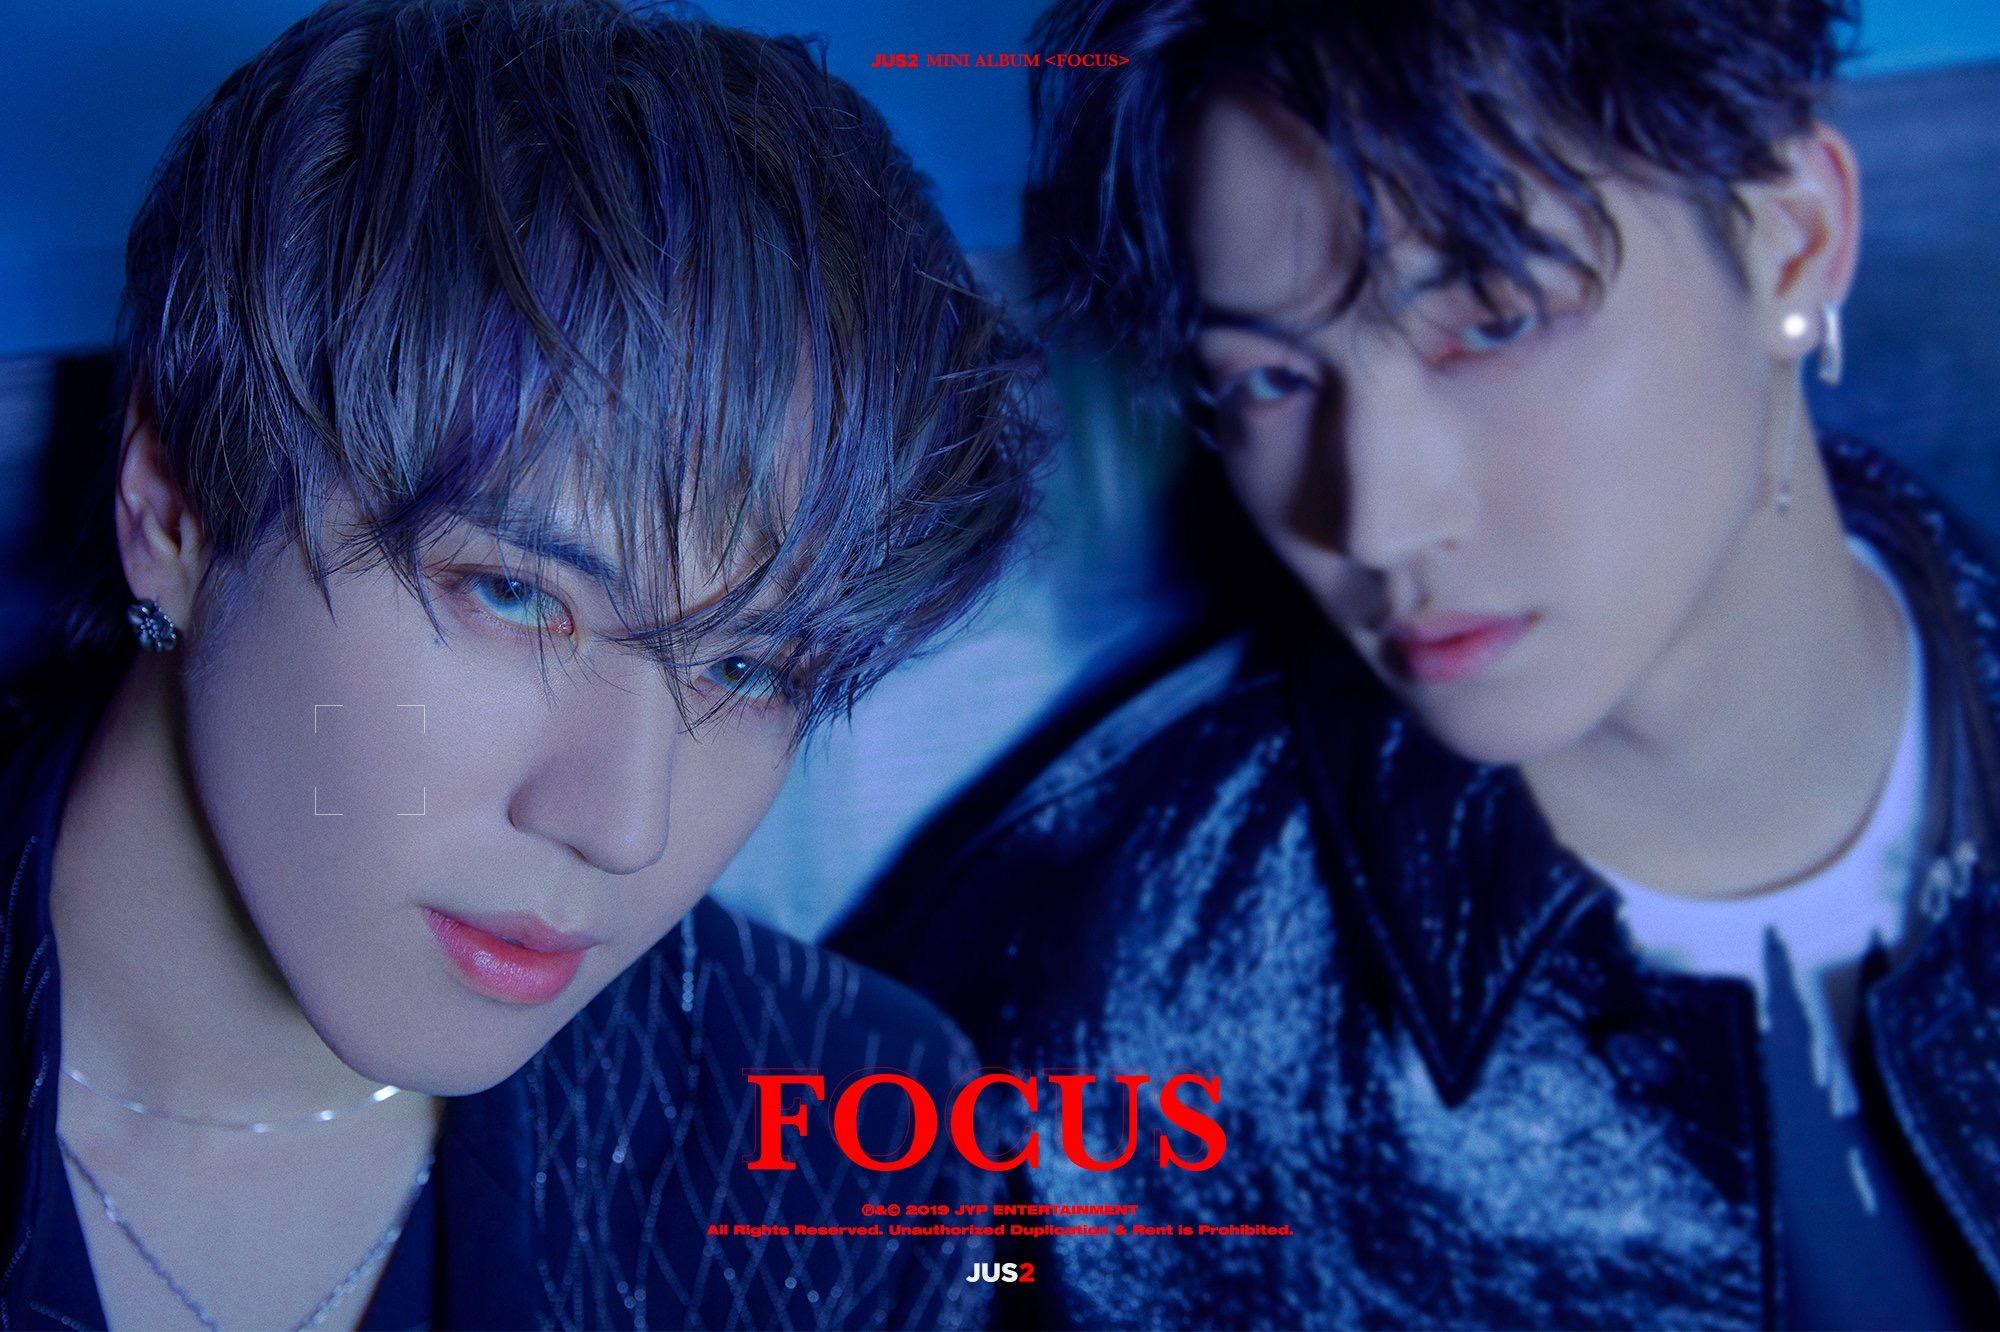 4일(월), 💚갓세븐 유닛 JUS2(JB, 유겸) FOCUS ON ME 뮤비공개💚 | 인스티즈